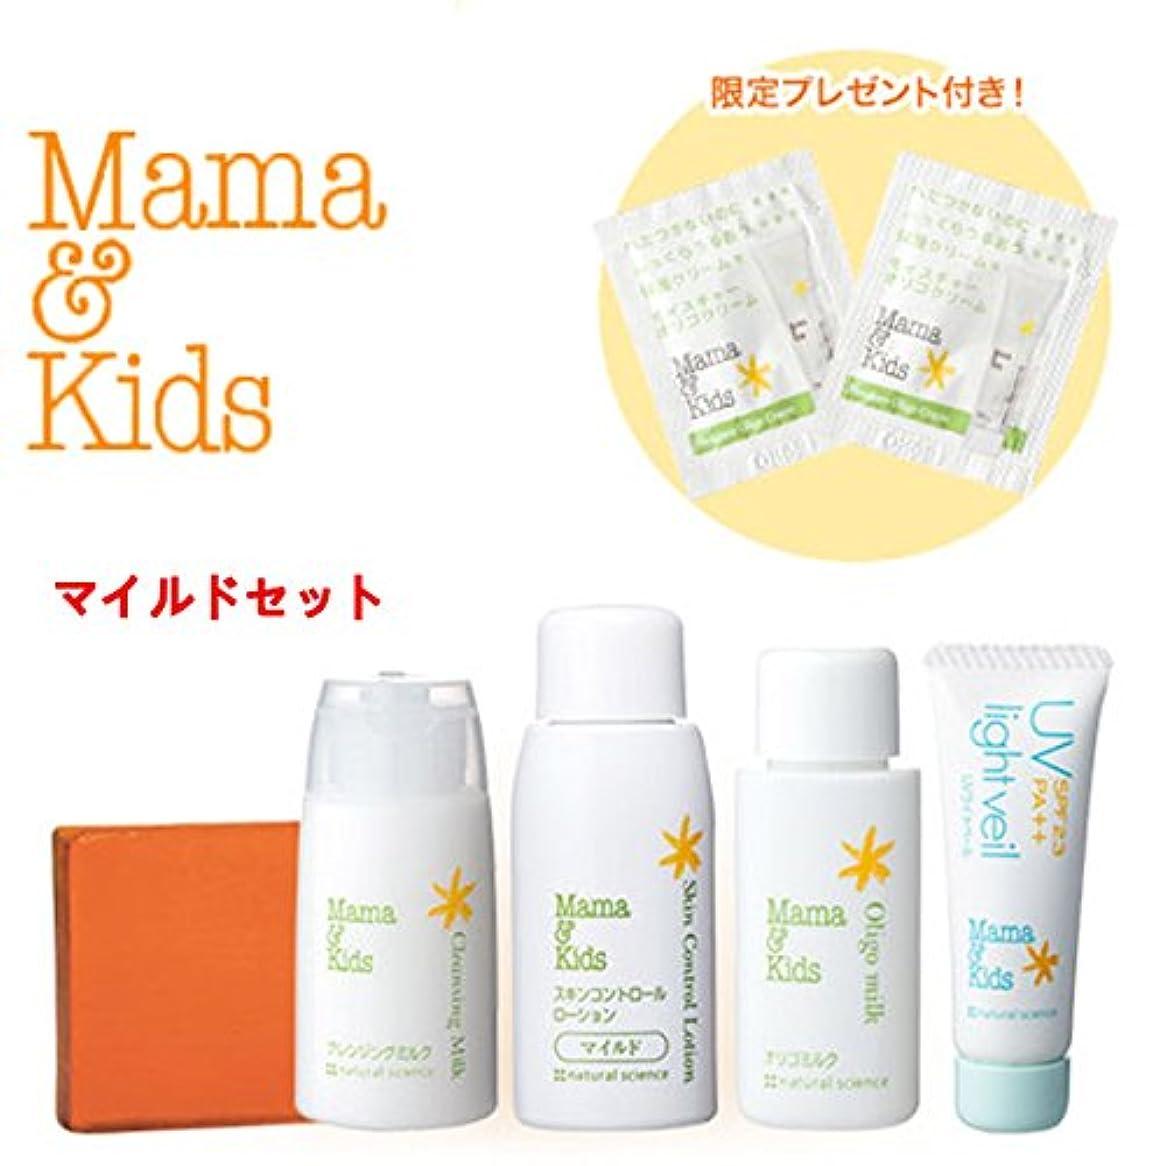 機知に富んだ考えるキャンドルママ&キッズぷるぷるお肌トライアルセット(マイルド)/Mama&Kids SkinCare Travel set/孕期基础护肤试用装普通保湿